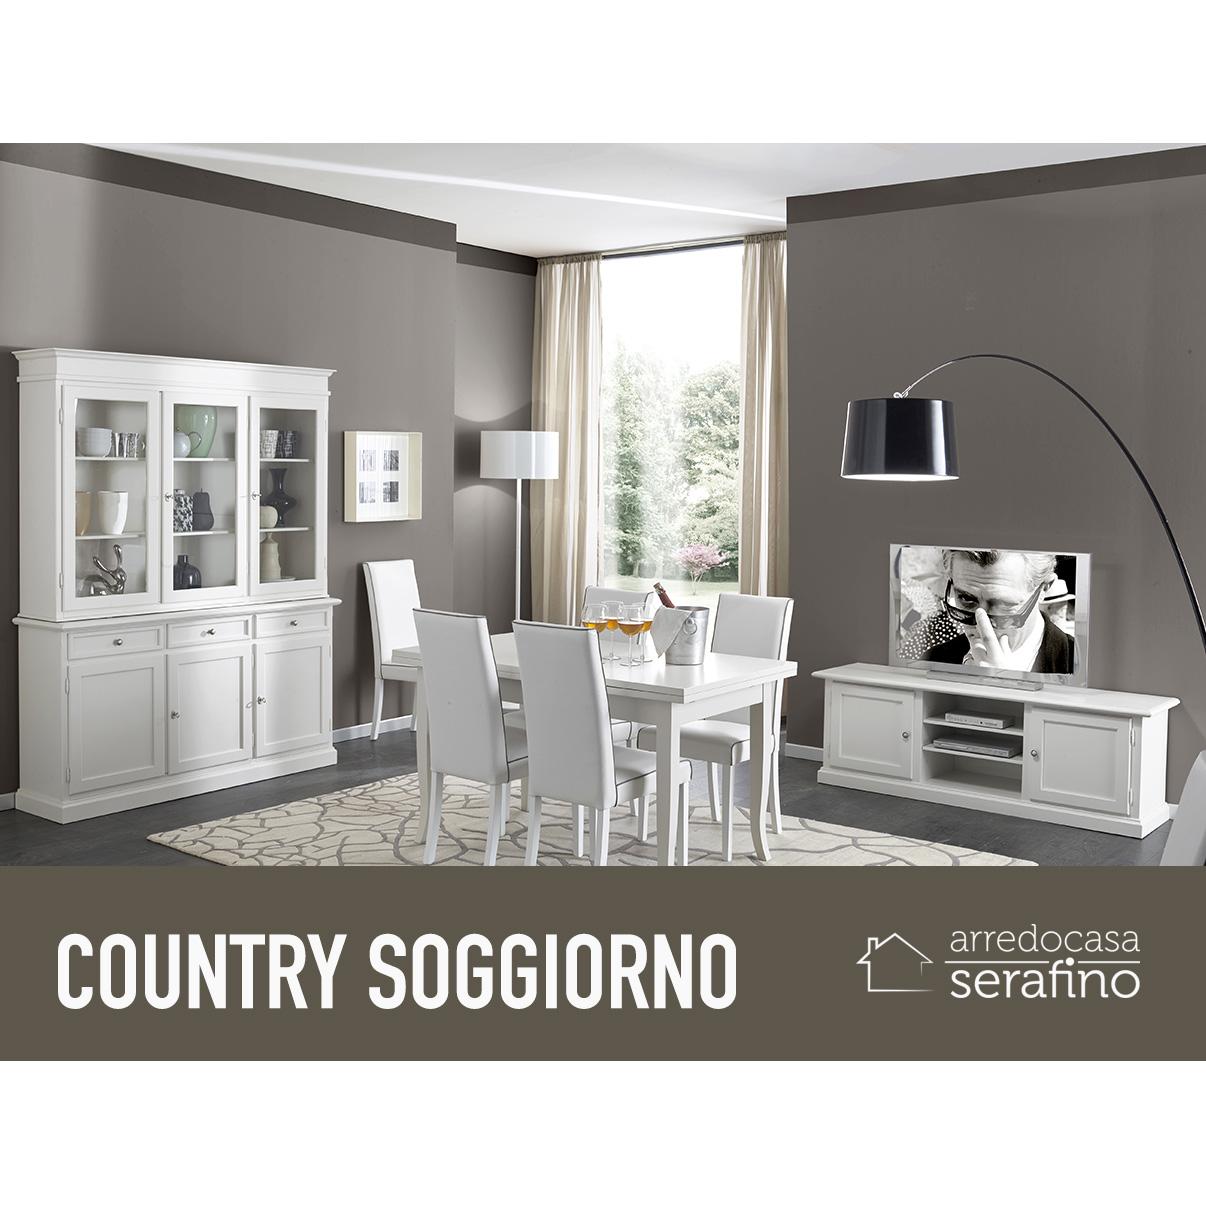 Soggiorno Country. – Arredocasa Serafino